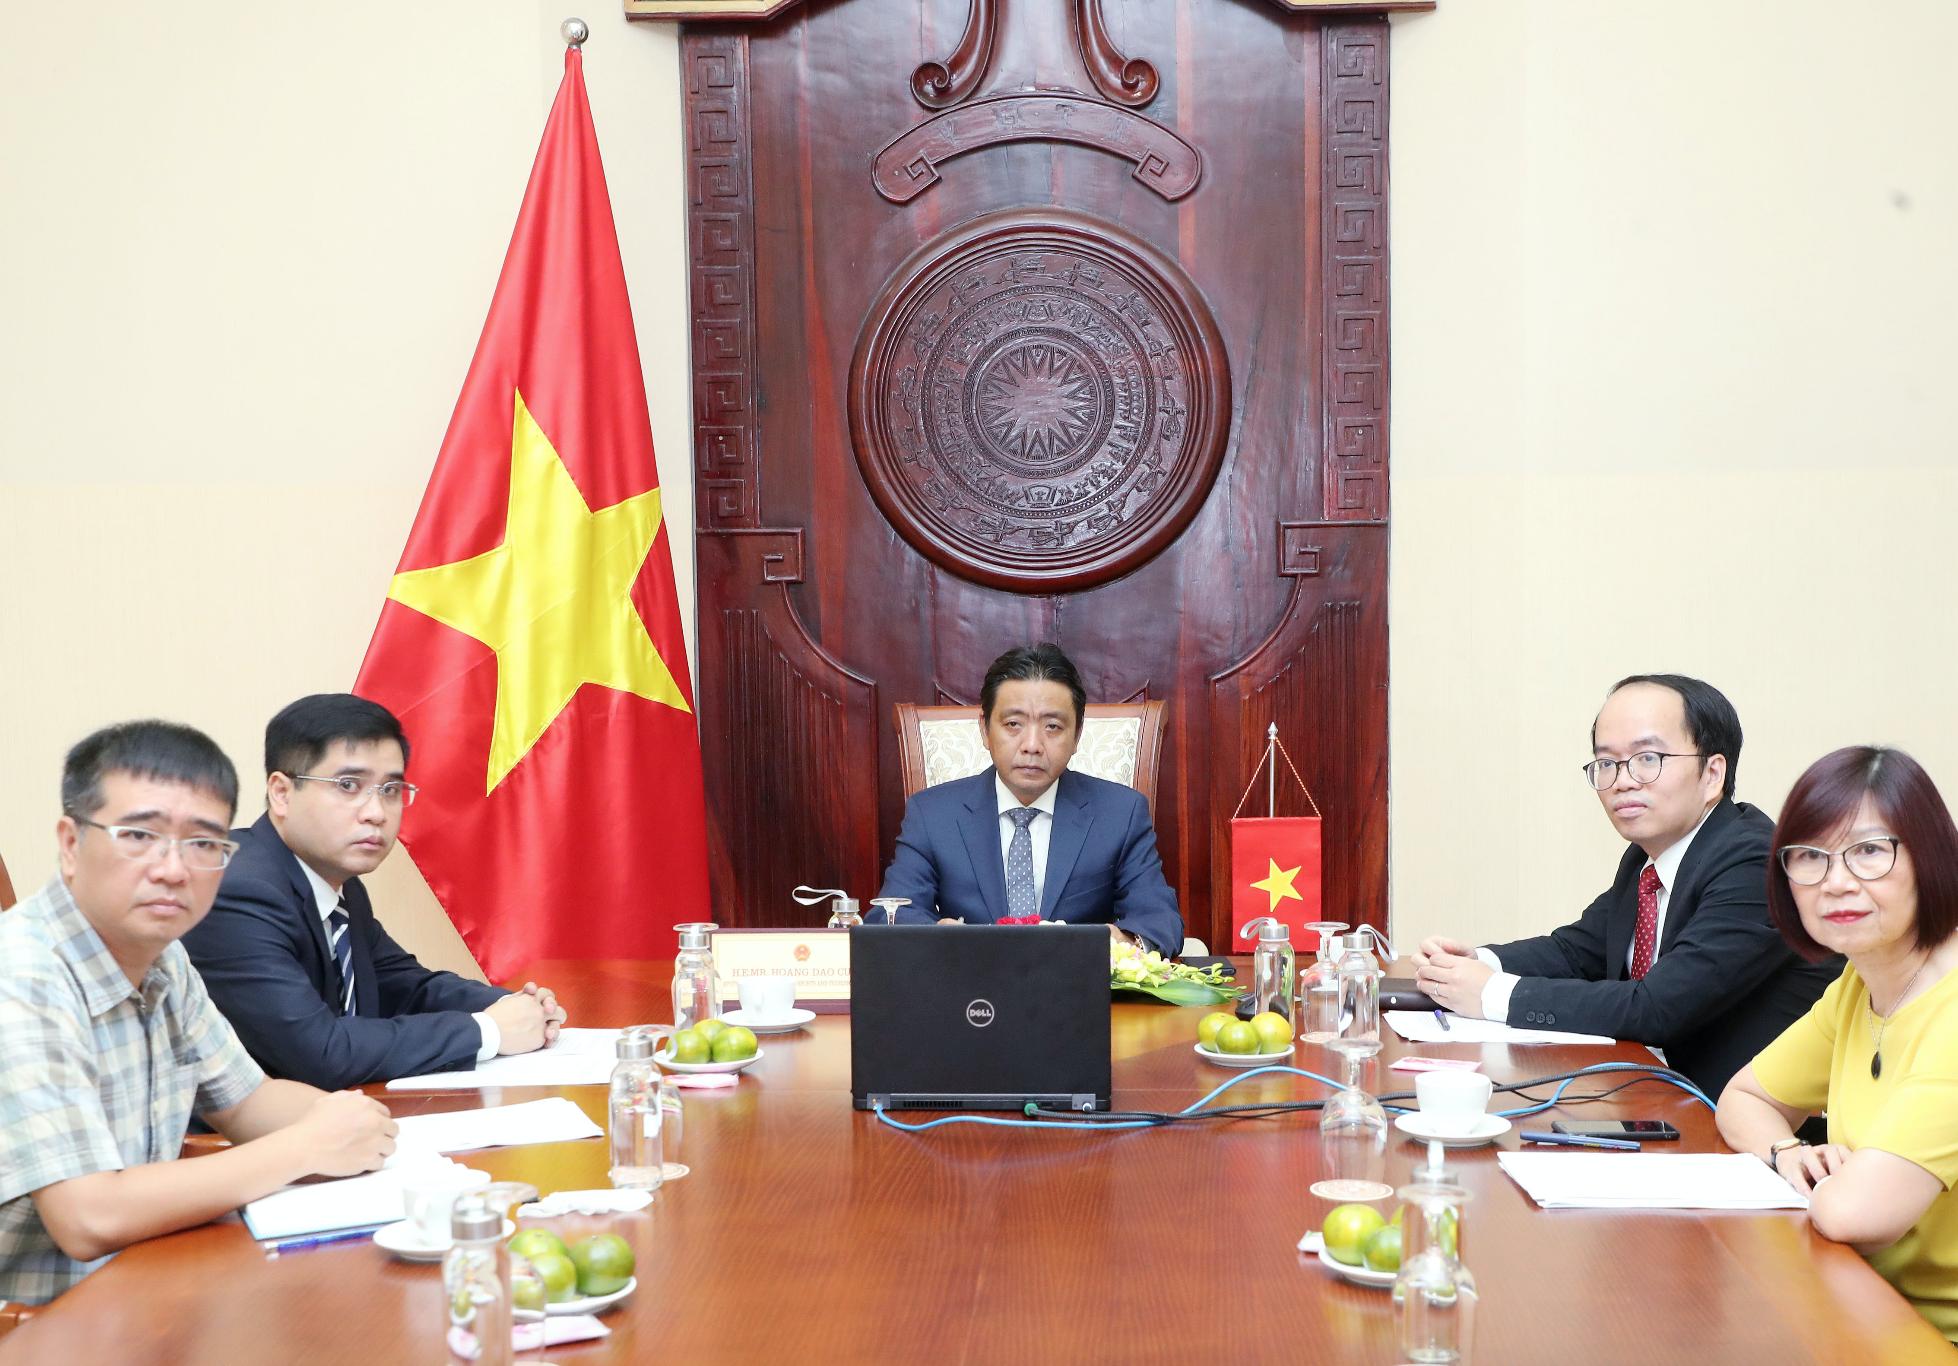 Thứ trưởng Hoàng Đạo Cương tham dự và phát biểu tại Phiên Khai mạc Hội nghị quốc tế kỷ niệm 50 năm Công ước UNESCO 1970 về các biện pháp ngăn cấm xuất nhập khẩu và chuyển giao trái phép quyền sở hữu tài sản văn hóa